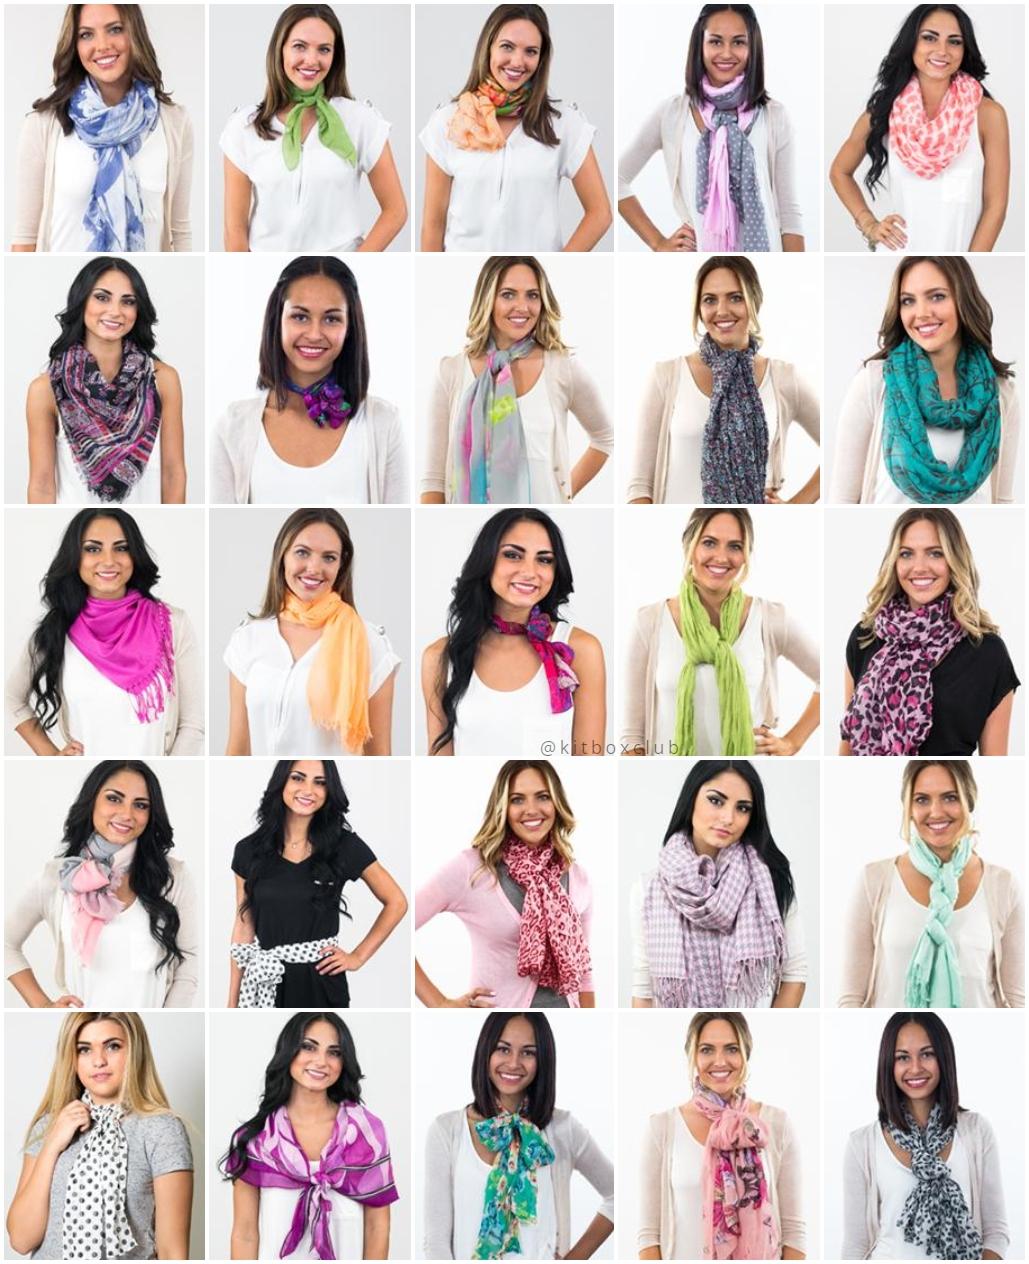 25 jeitos de amarrar o lenço no pescoço